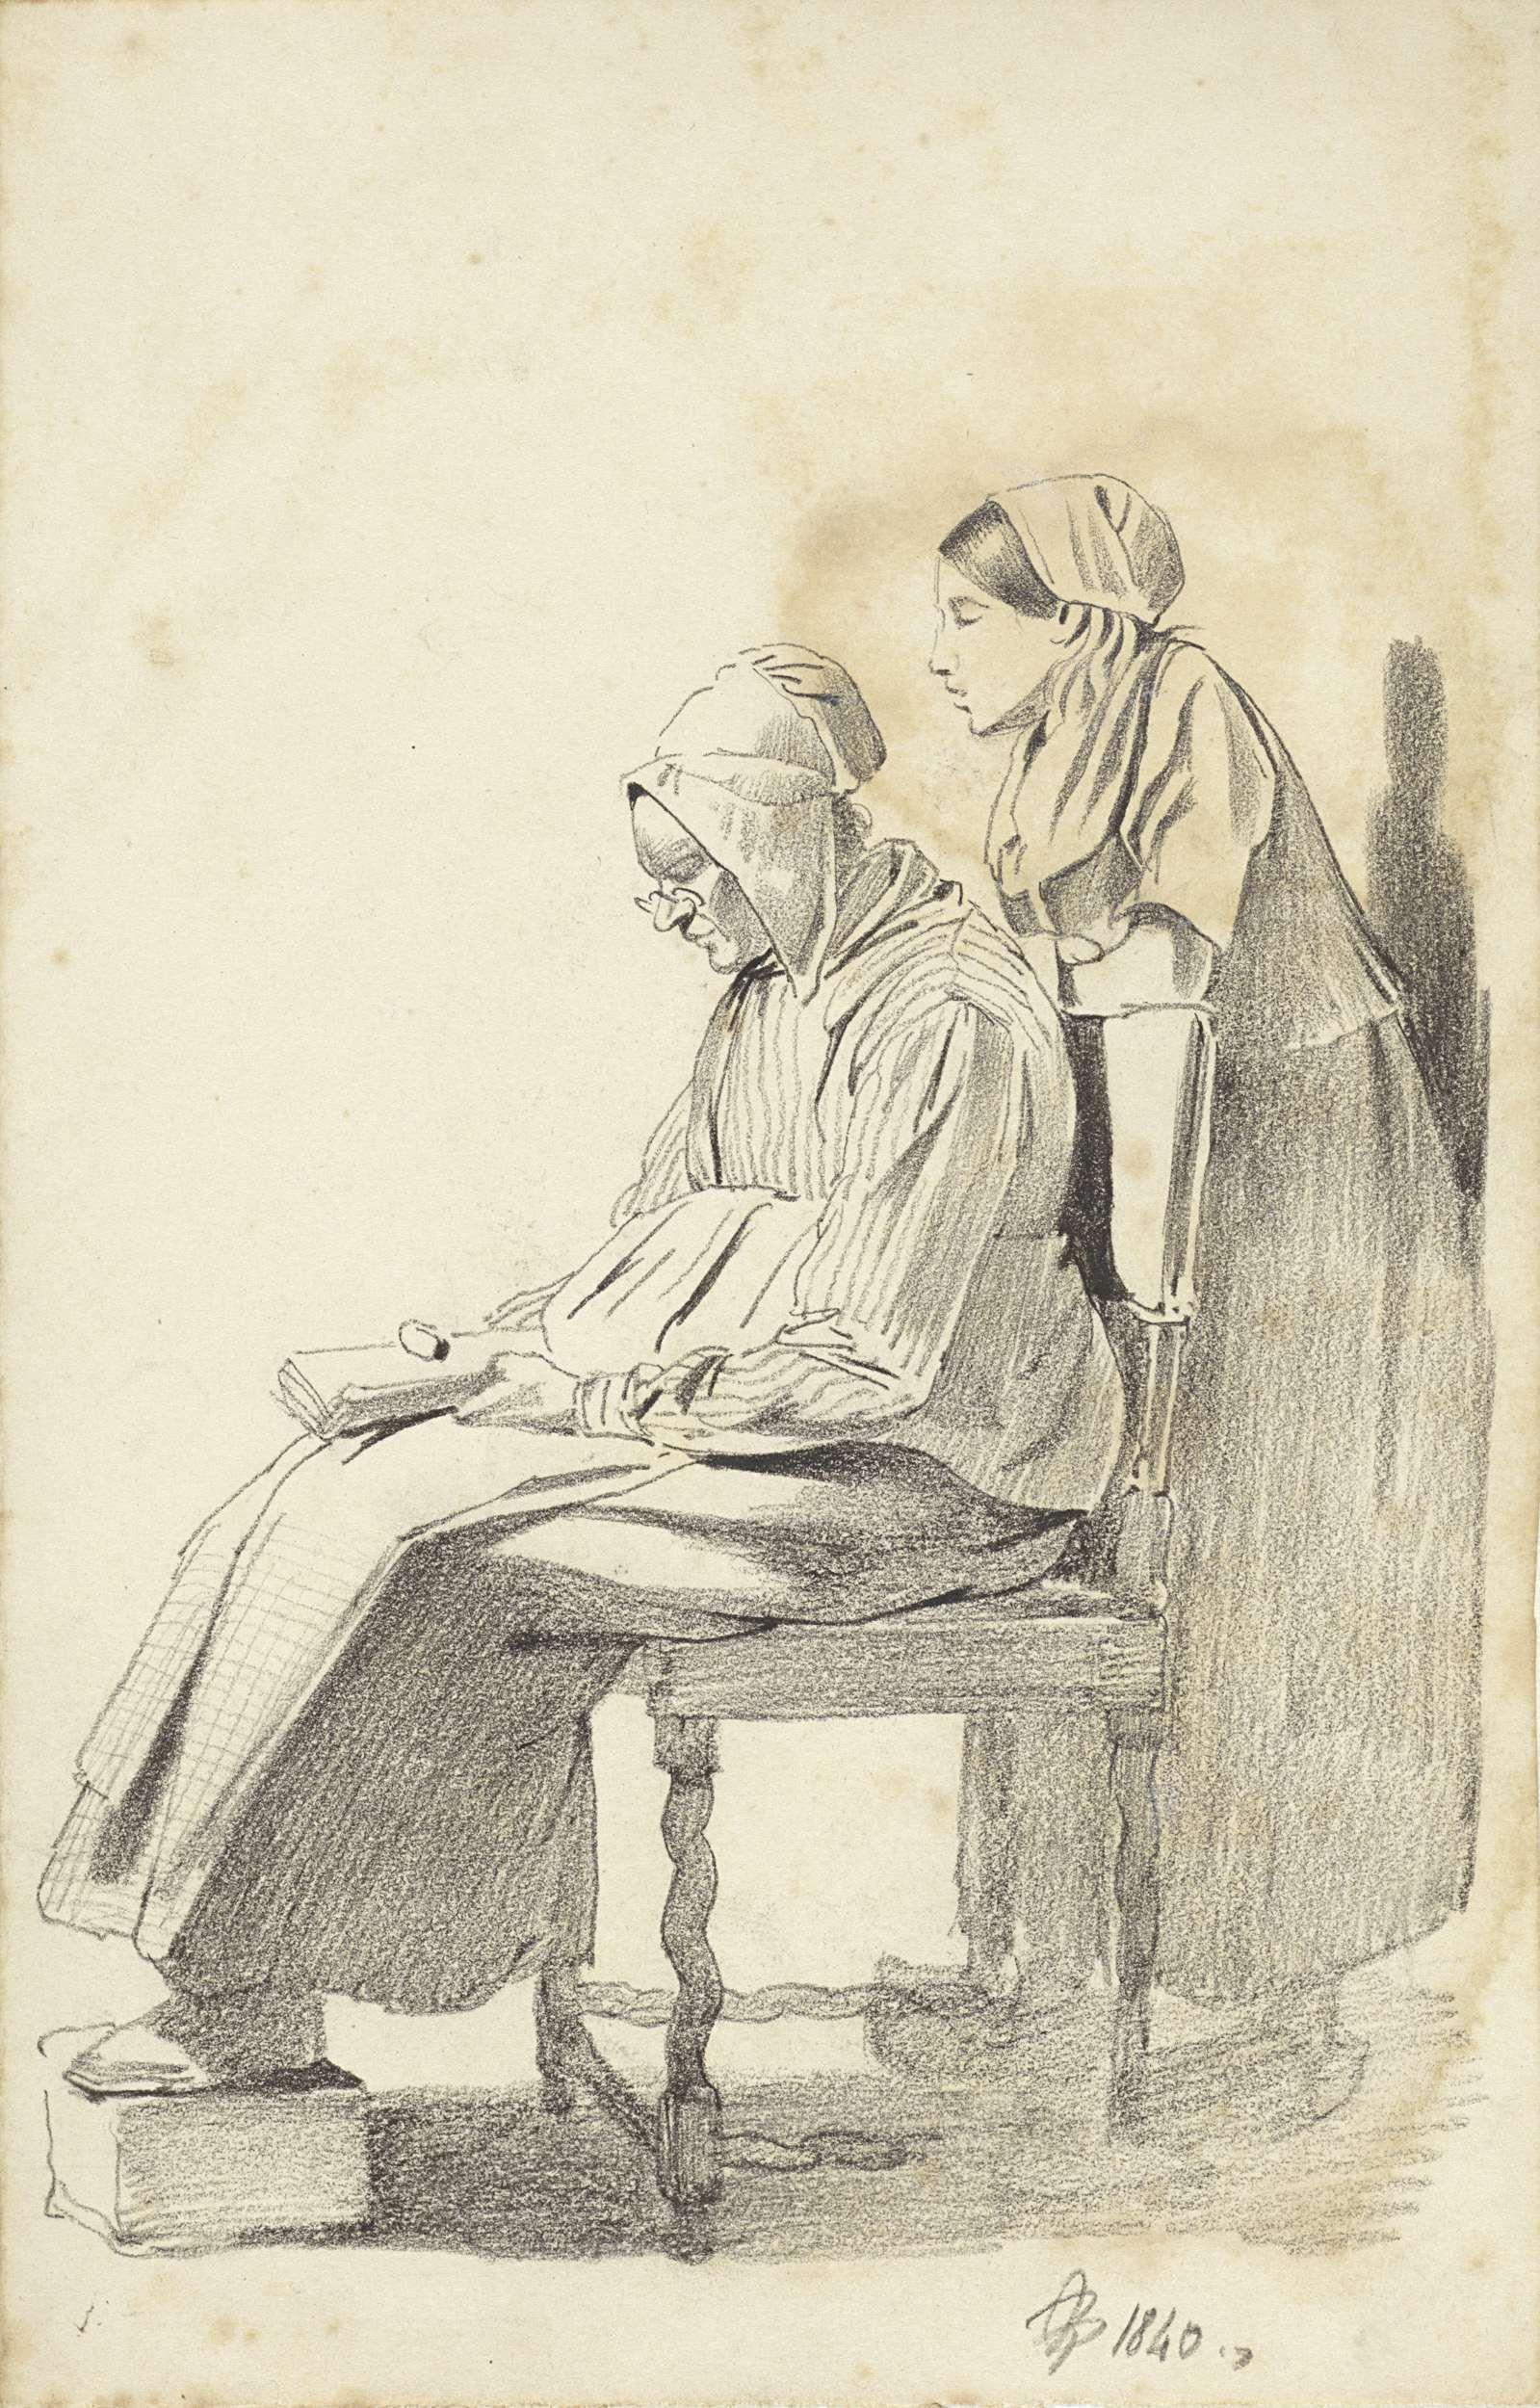 Pieter van Loon | Jonge vrouw staande achter een zittende lezende oude vrouw, van opzij, Pieter van Loon, 1840 |